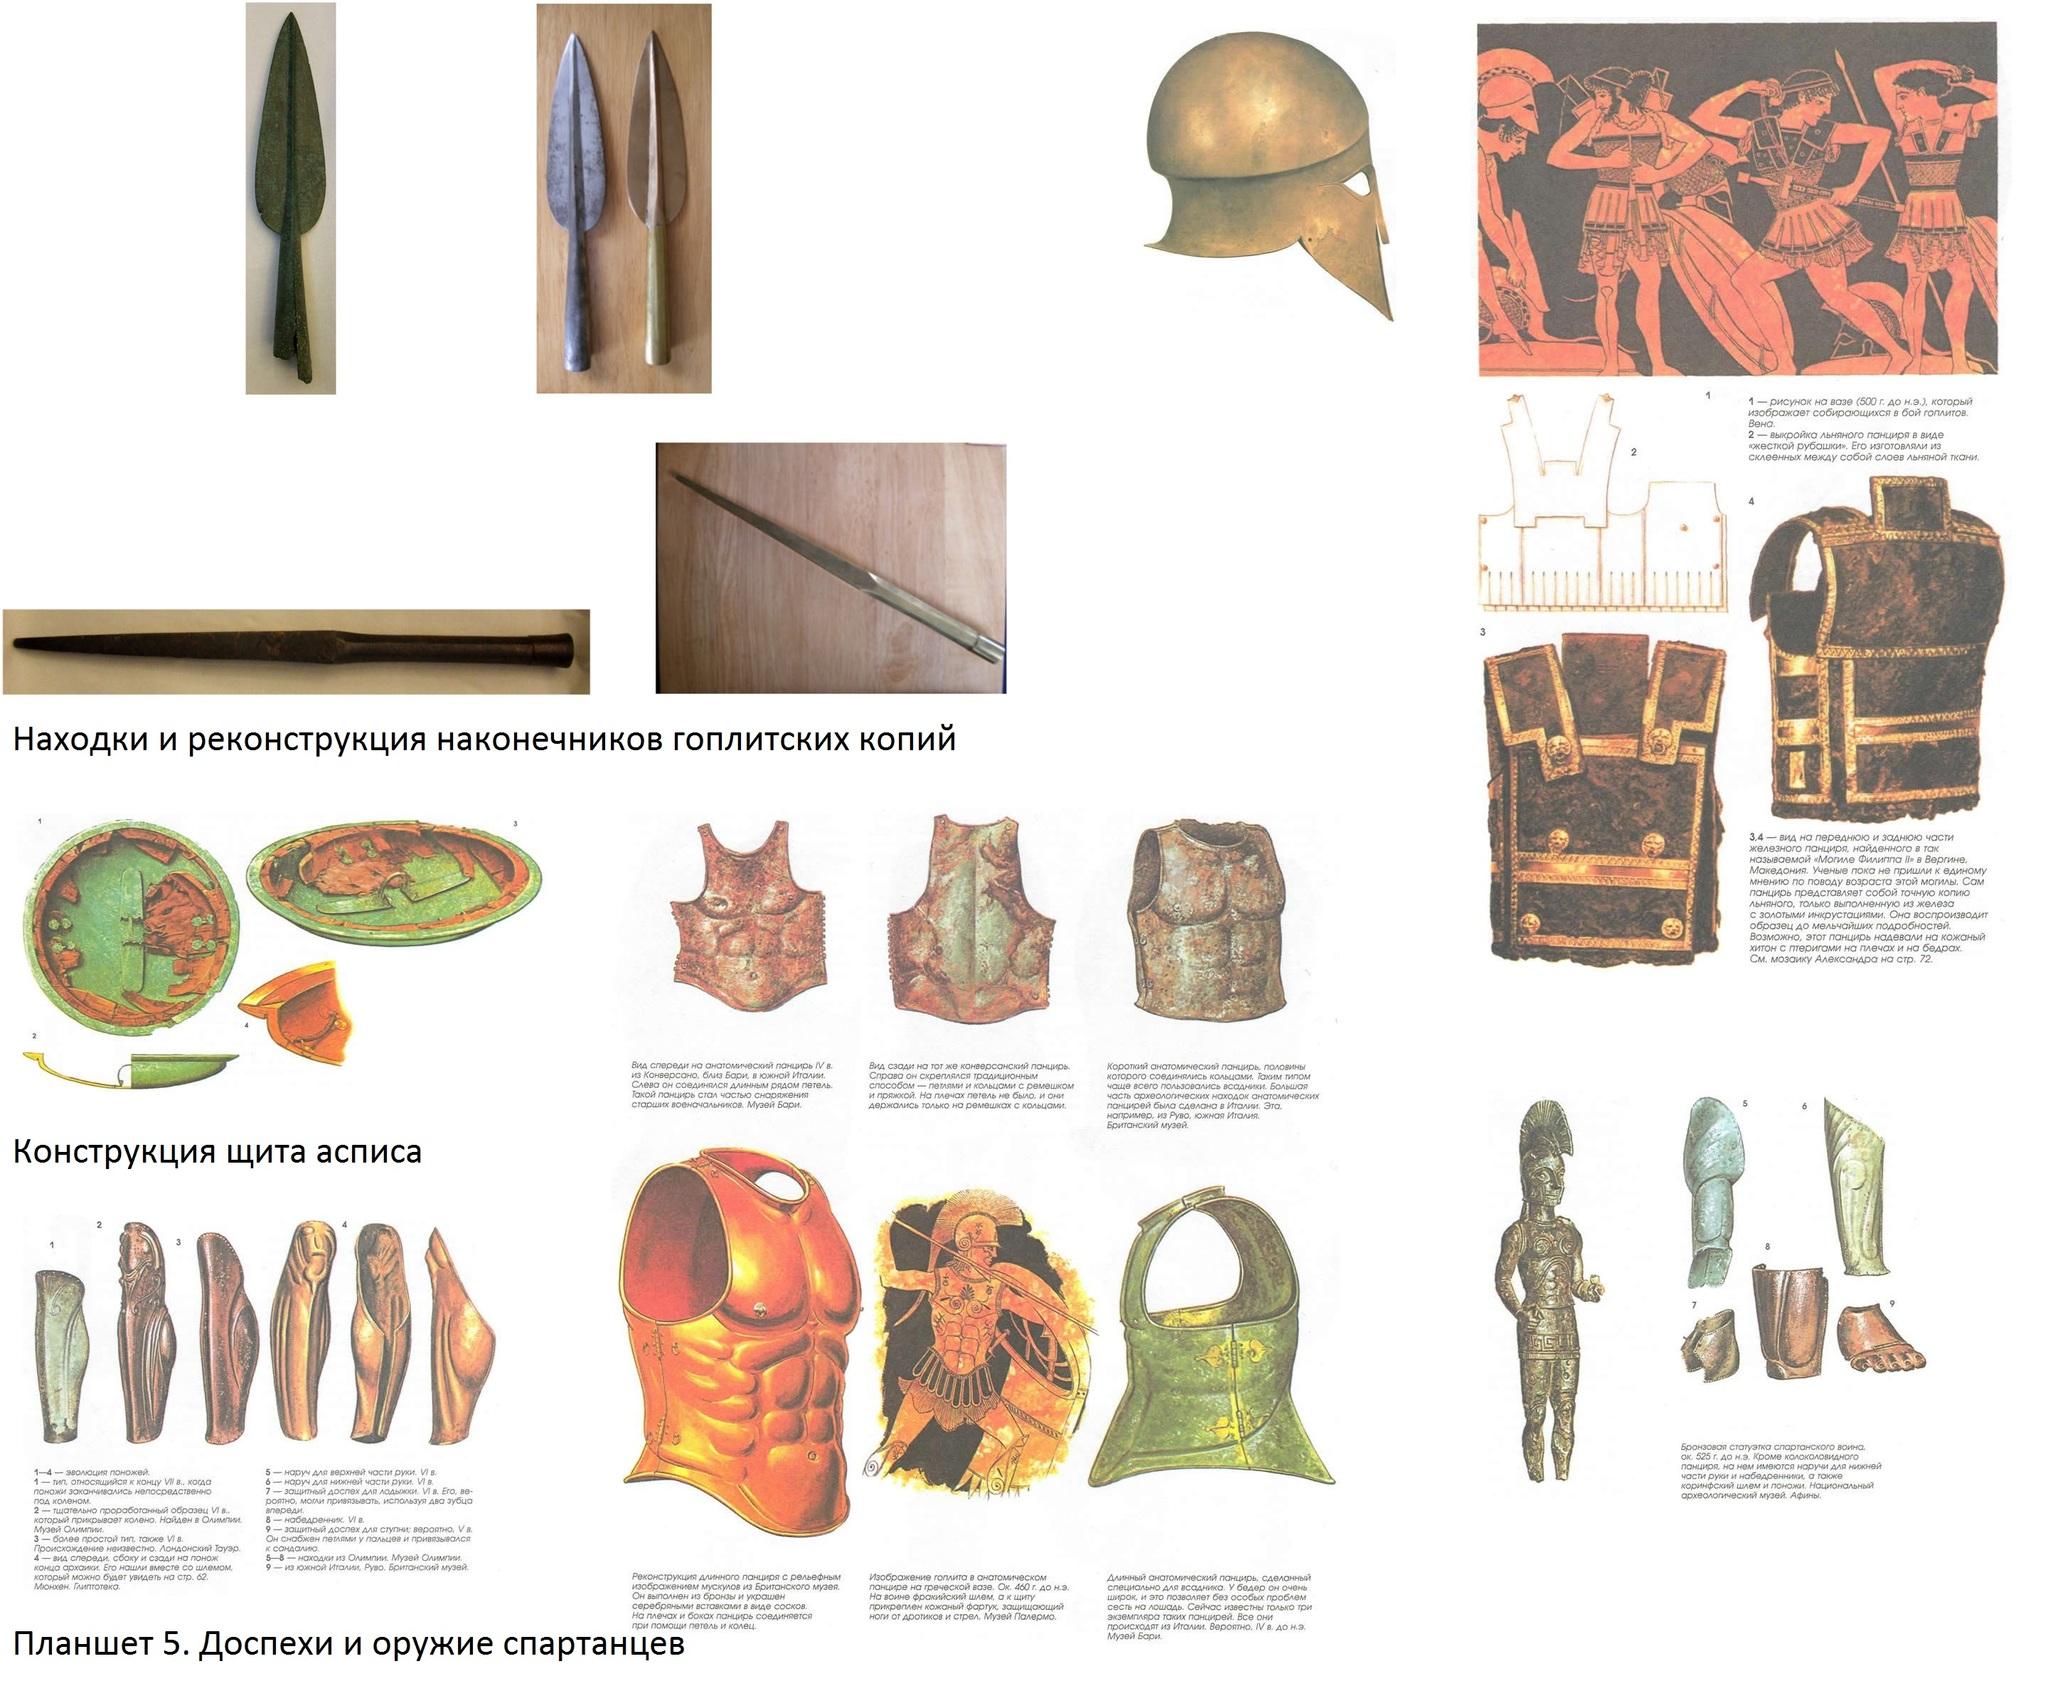 Обои гоплит, рисунок, Античность, Коринфский шлем, Древняя Греция, «воин»). Разное foto 9